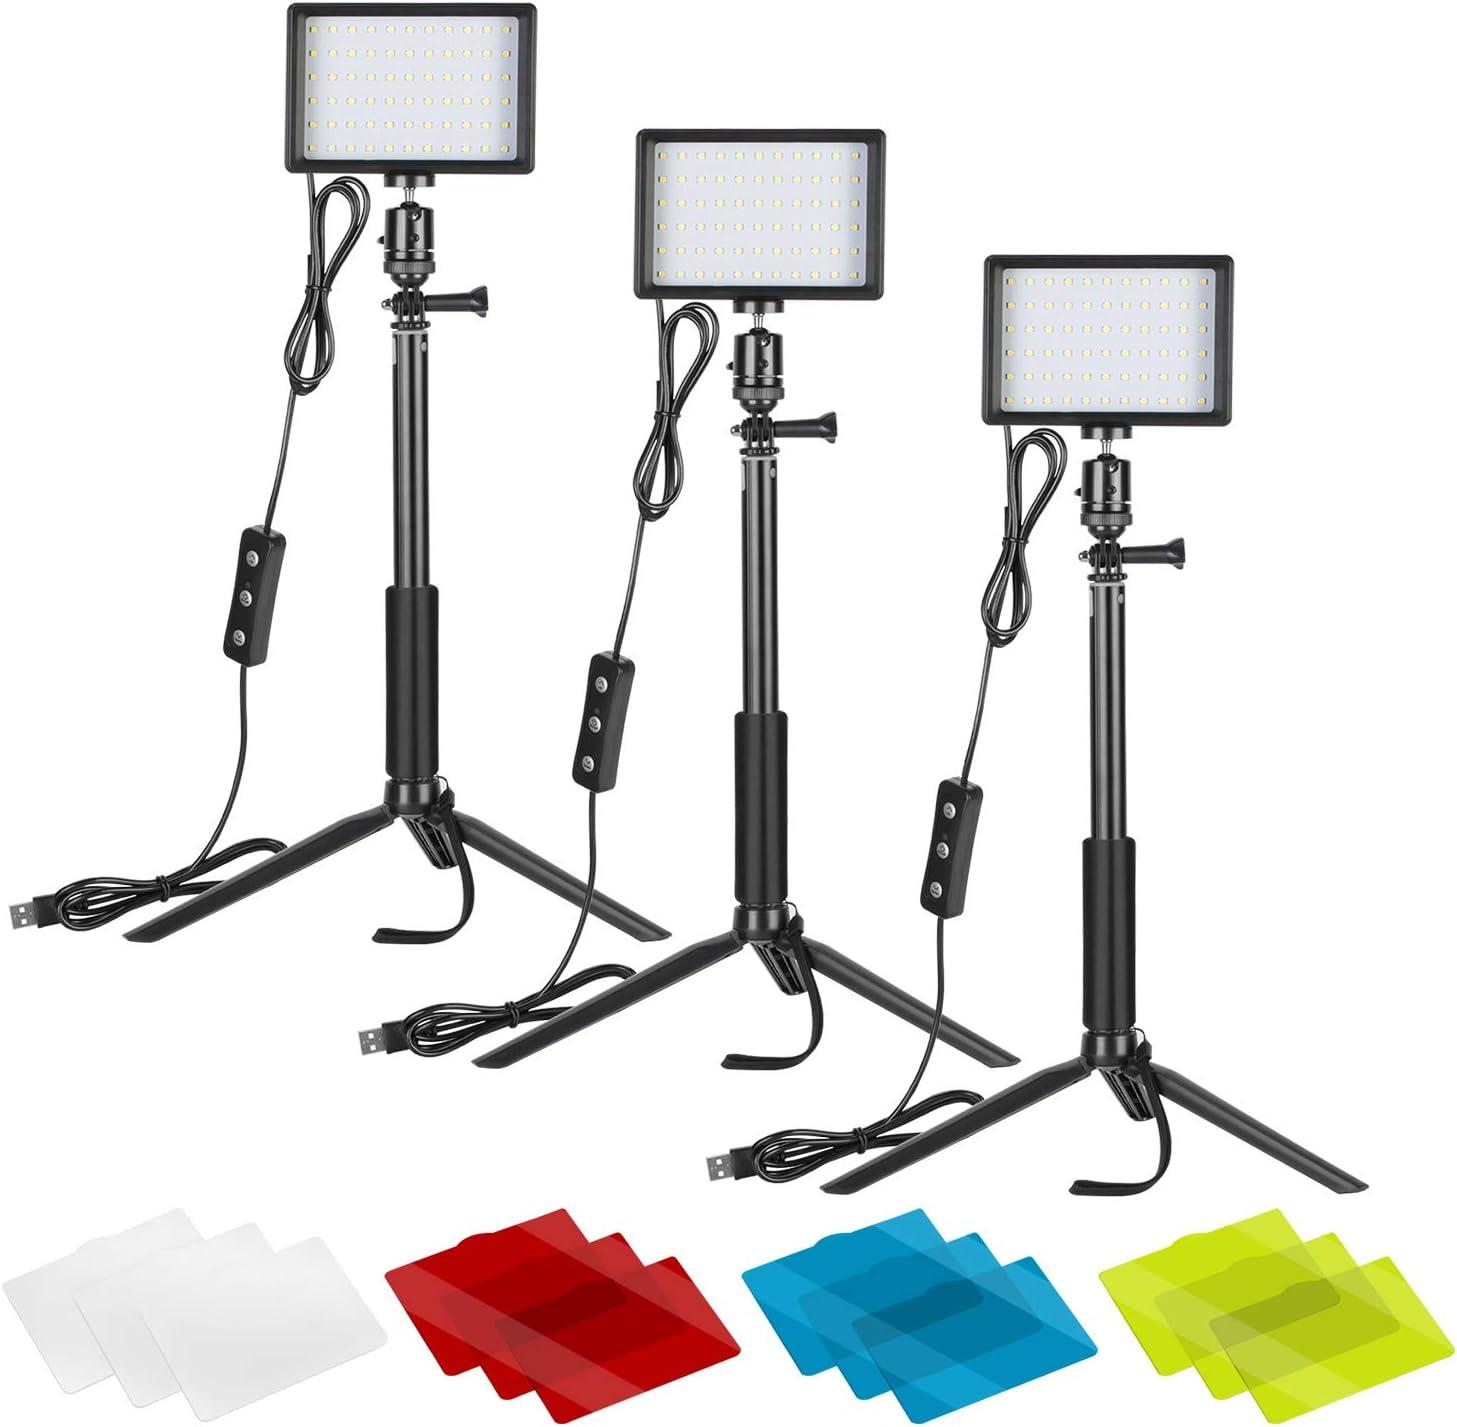 Neewer 3 Pack Portátil Kit de Iluminación Fotográfica Luz de Video LED Regulable 5600K USB 66 con Soporte de Trípode Ajustable Filtros Color para Mesa Grabación Productos Desde Ángulo Bajo Youtube